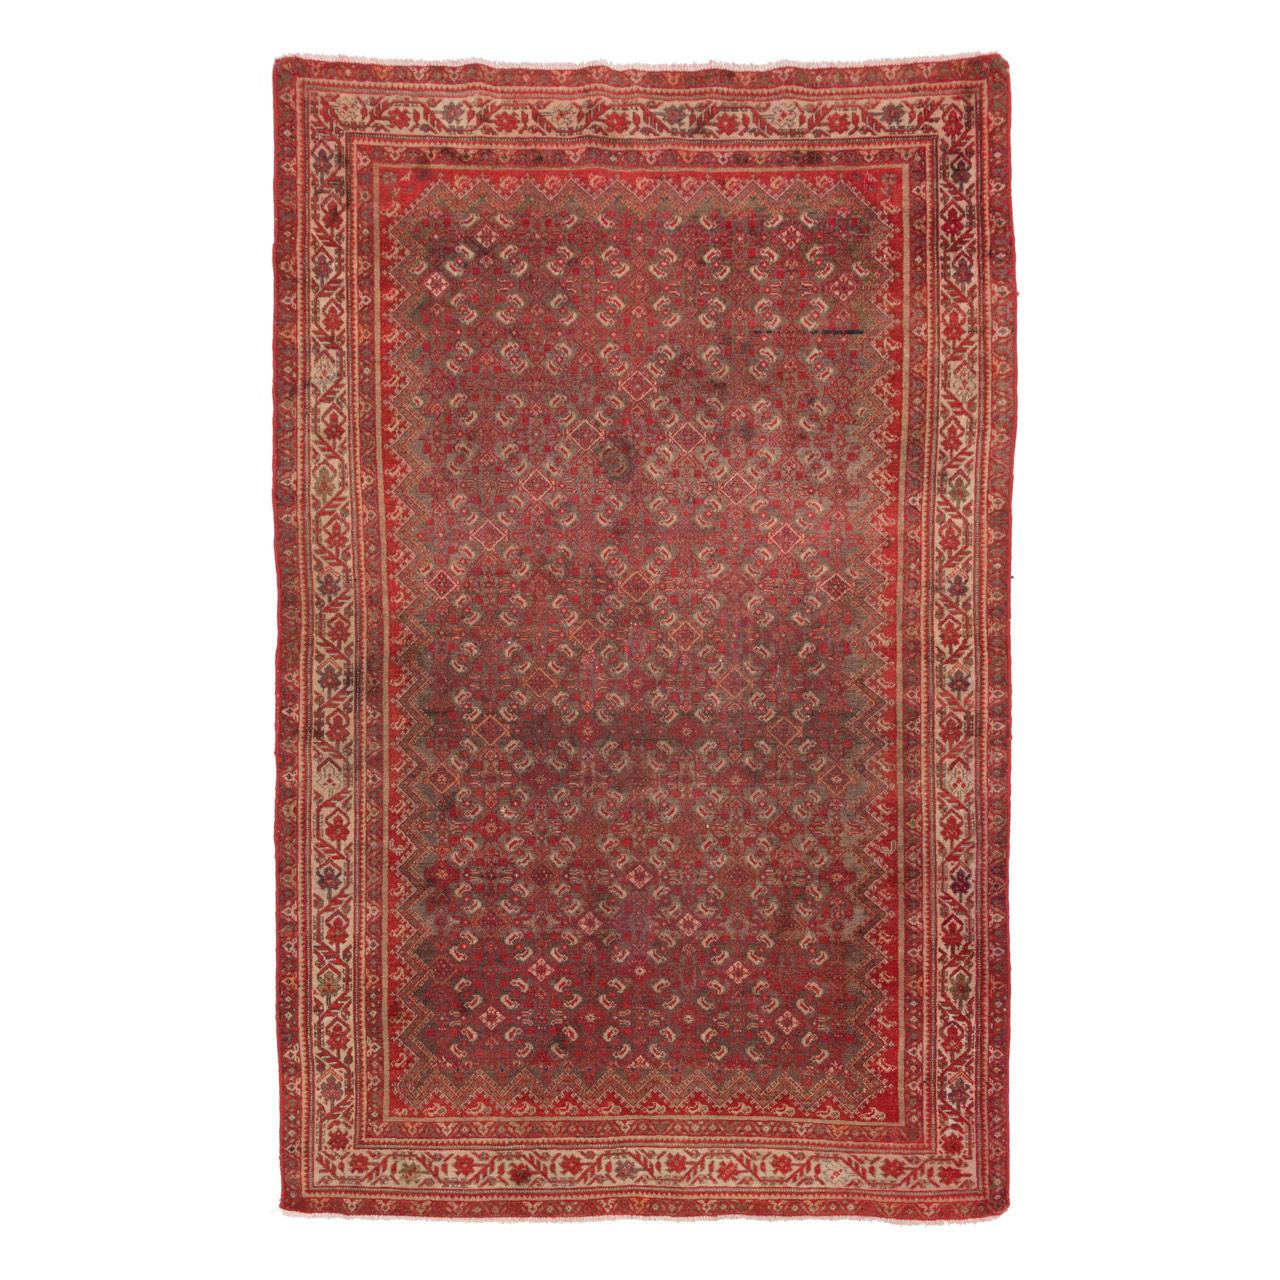 فرش دستباف قدیمی سه متری سی پرشیا کد 170010